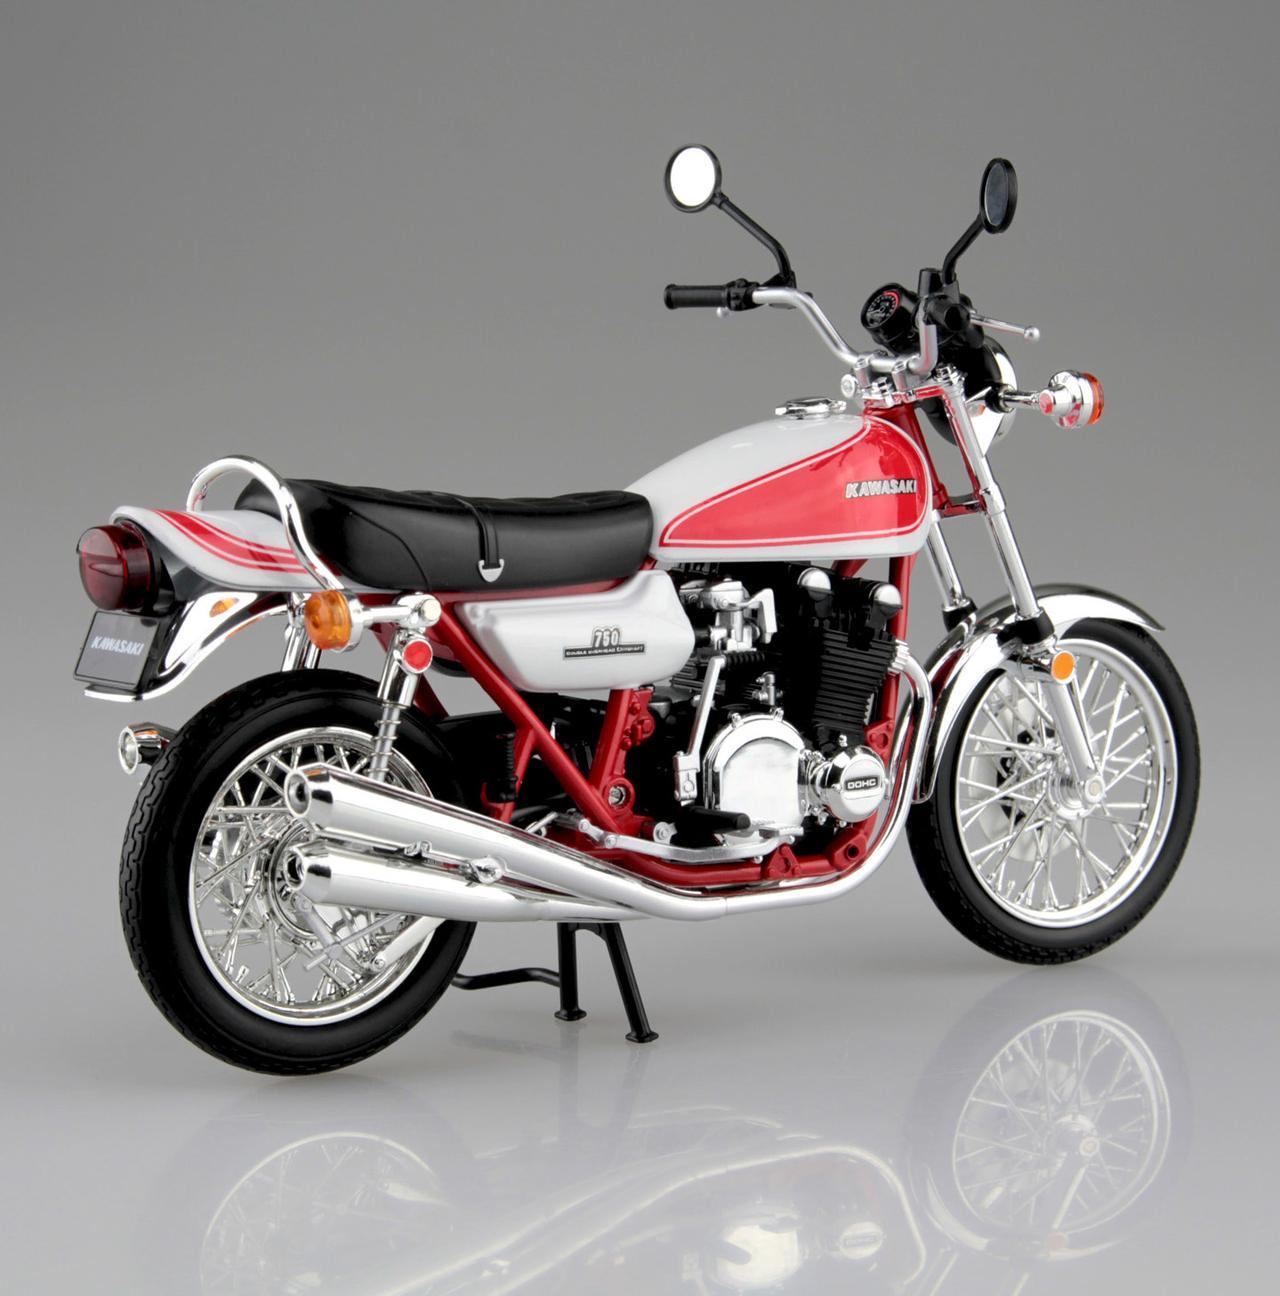 画像3: 1/12 完成品バイク KAWASAKI 750RS(Z2) 赤白カラー